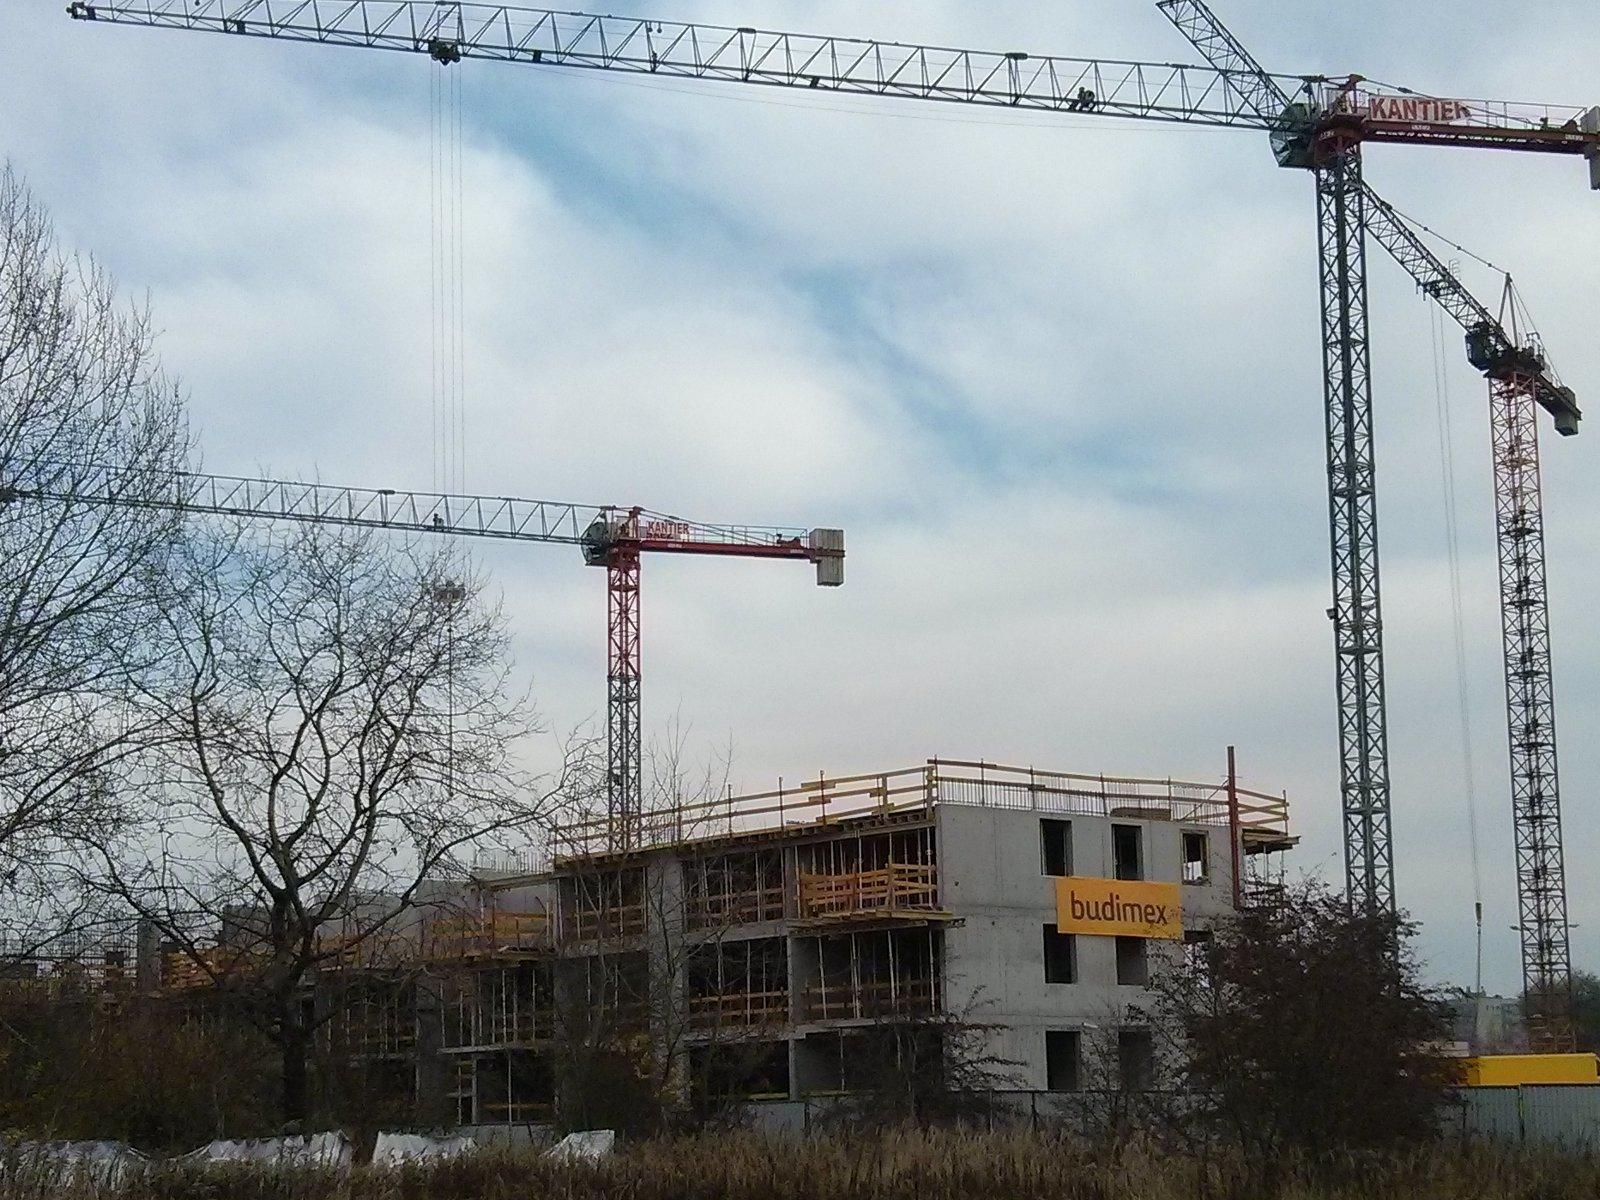 Budowa osiedla nowe Czyżyny w Krakowie przez Budimex